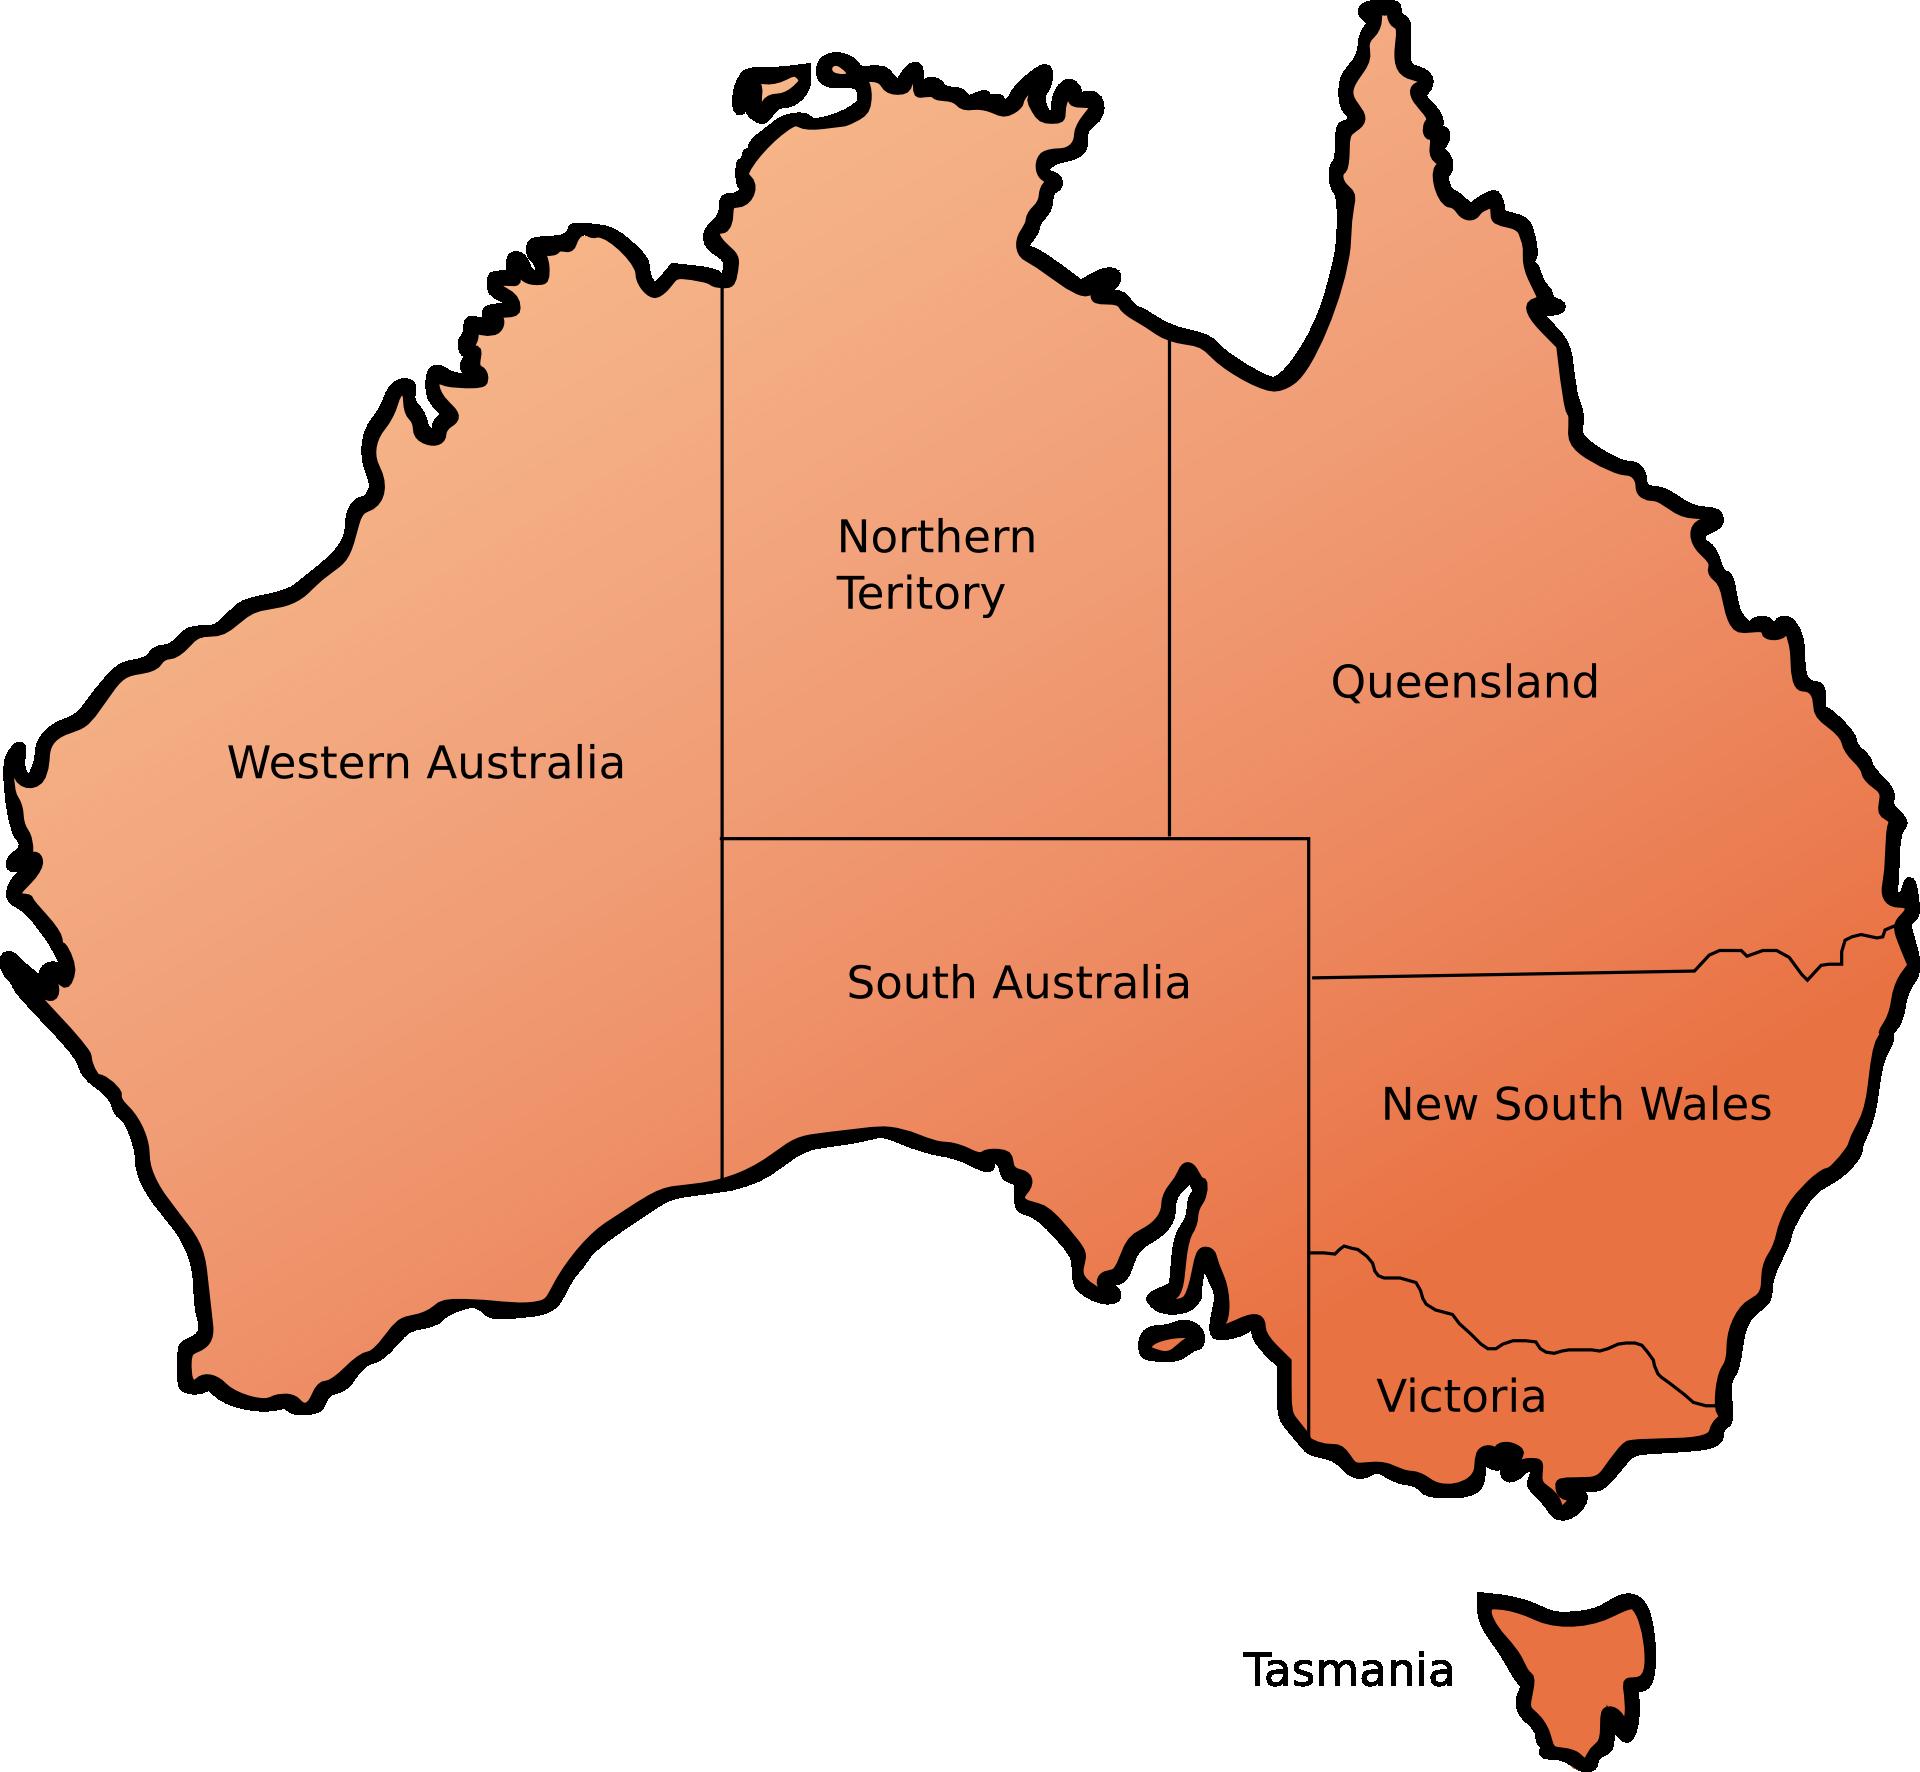 Die Bundesstaaten und Territorien Australiens